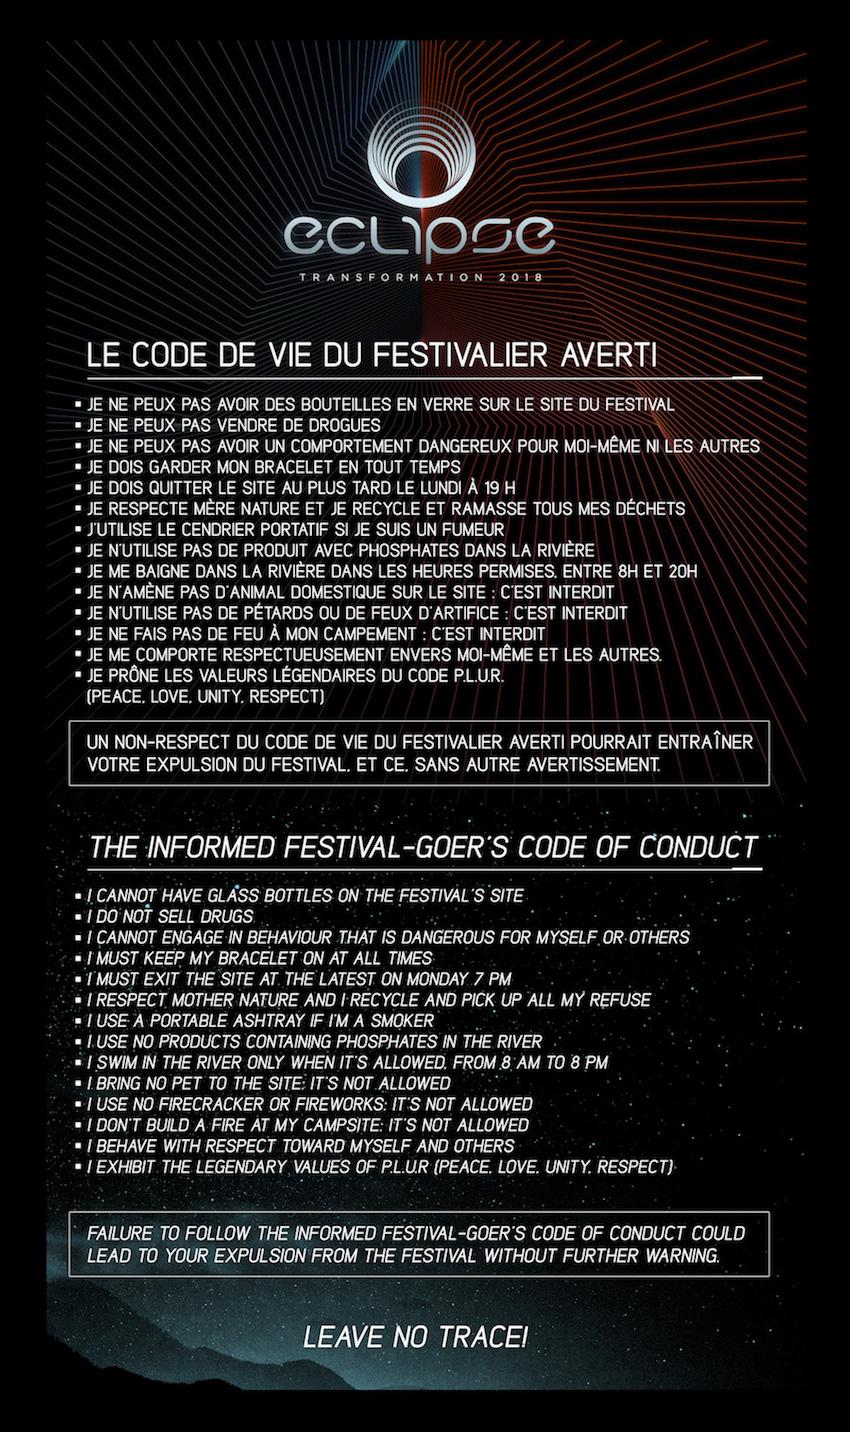 code du festivalier averti.jpg